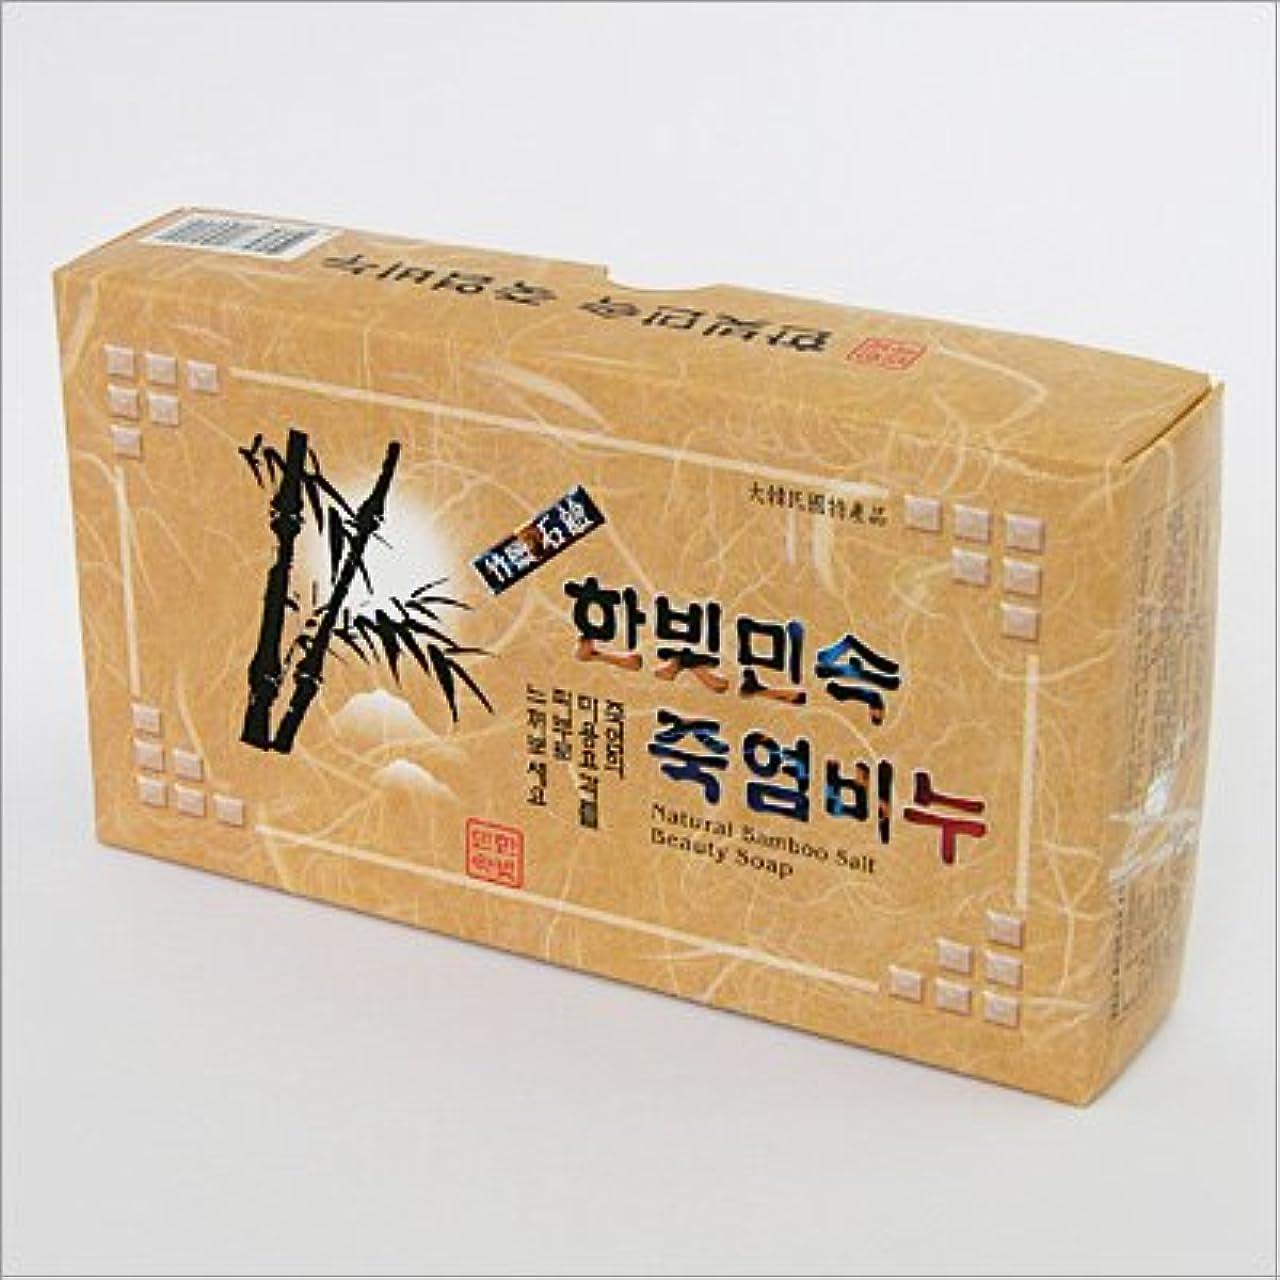 系統的問い合わせる冊子(韓国ブランド) 韓国 竹塩石鹸(3個セット)